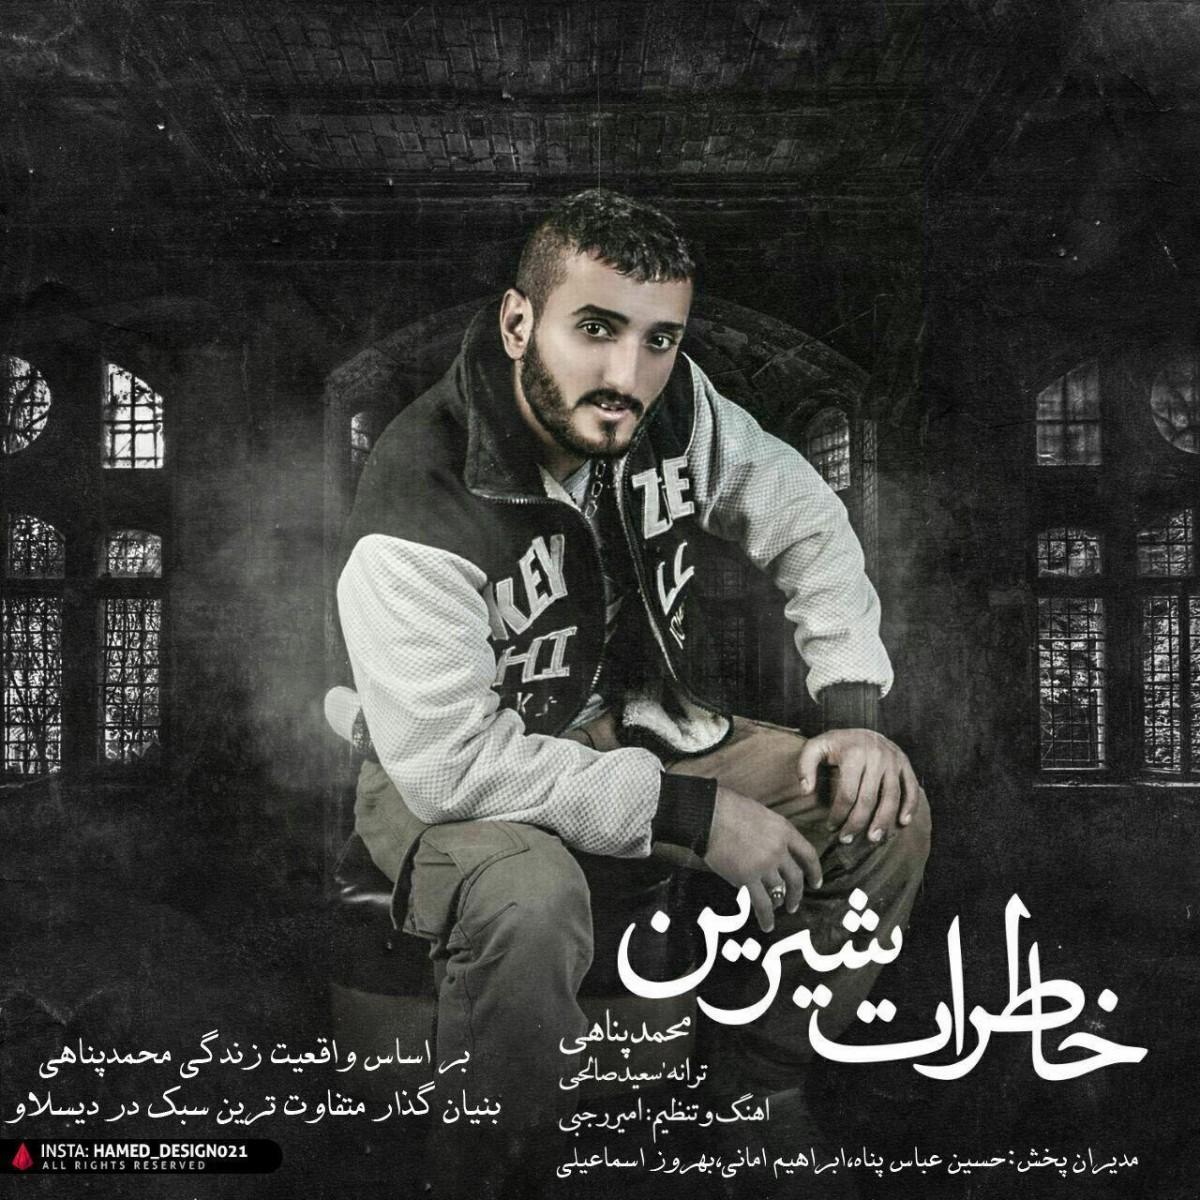 نامبر وان موزیک | دانلود آهنگ جدید Mohammad-Panahi-Khaterate-Shirin